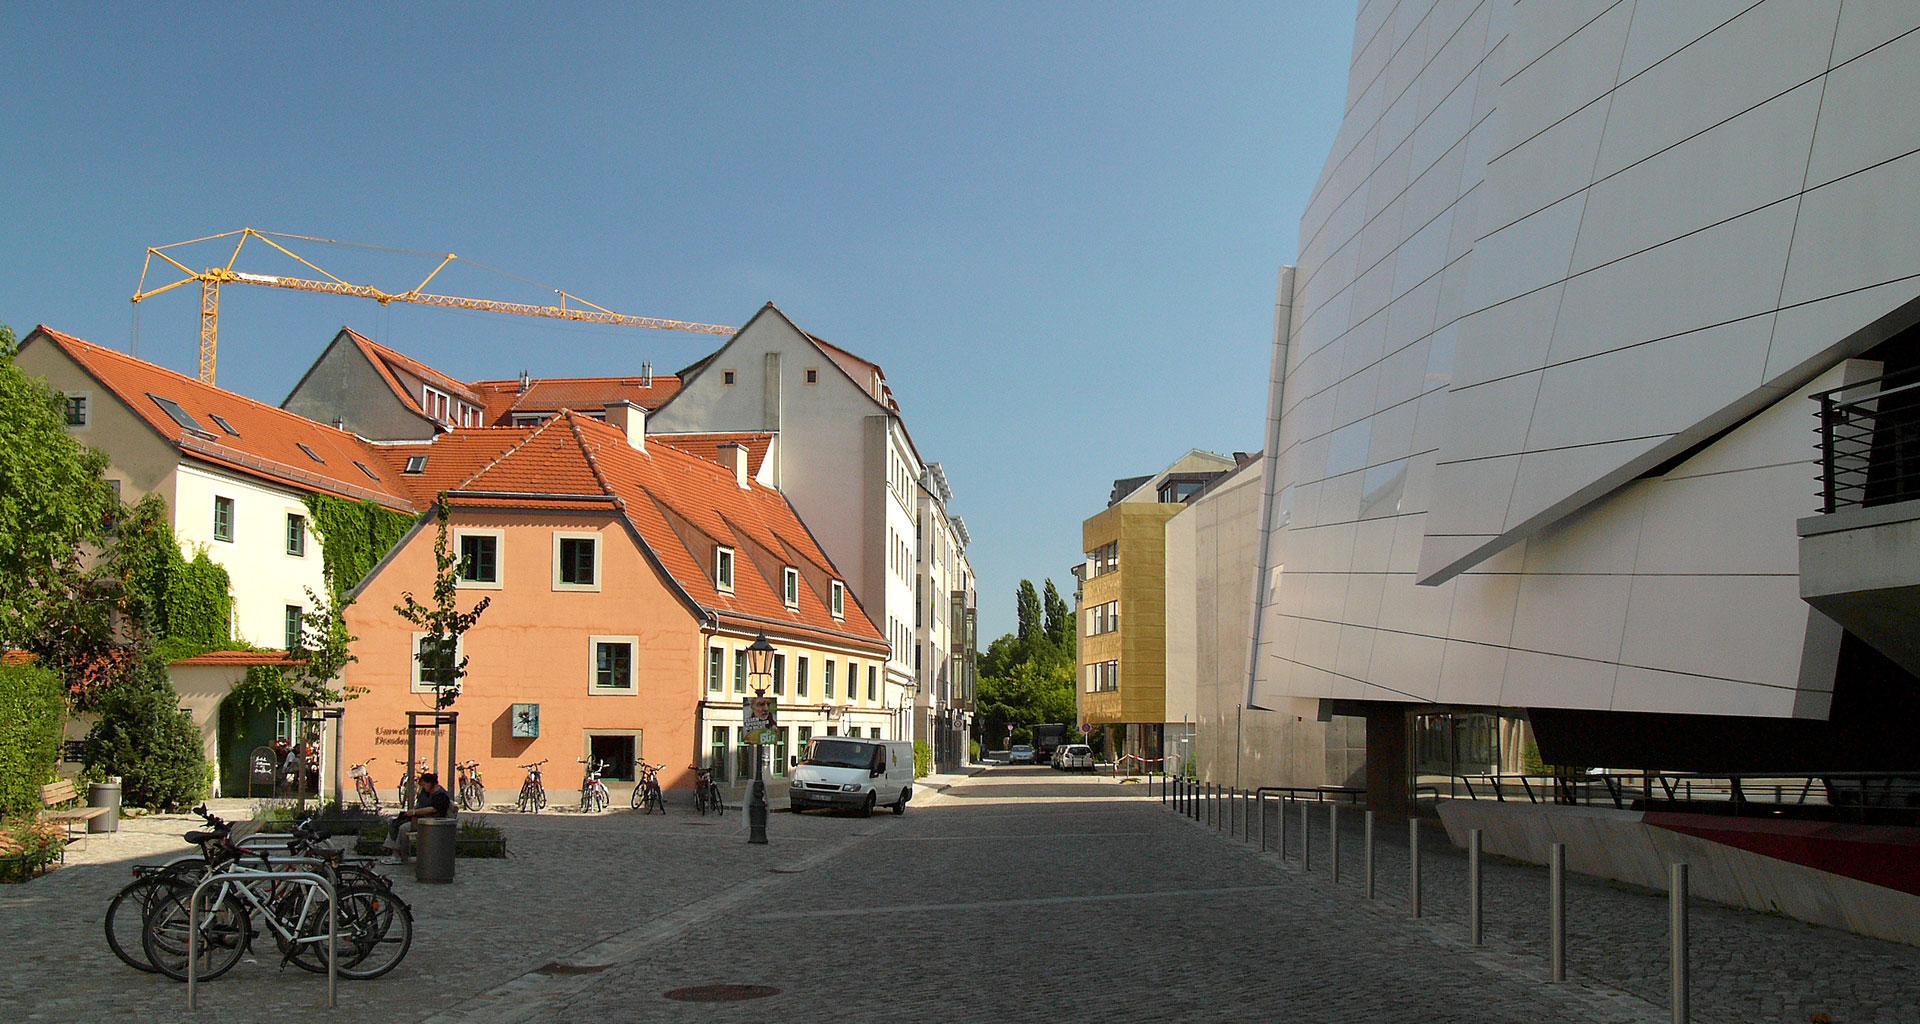 Umgebung - Ansicht Musikerviertel Dresden